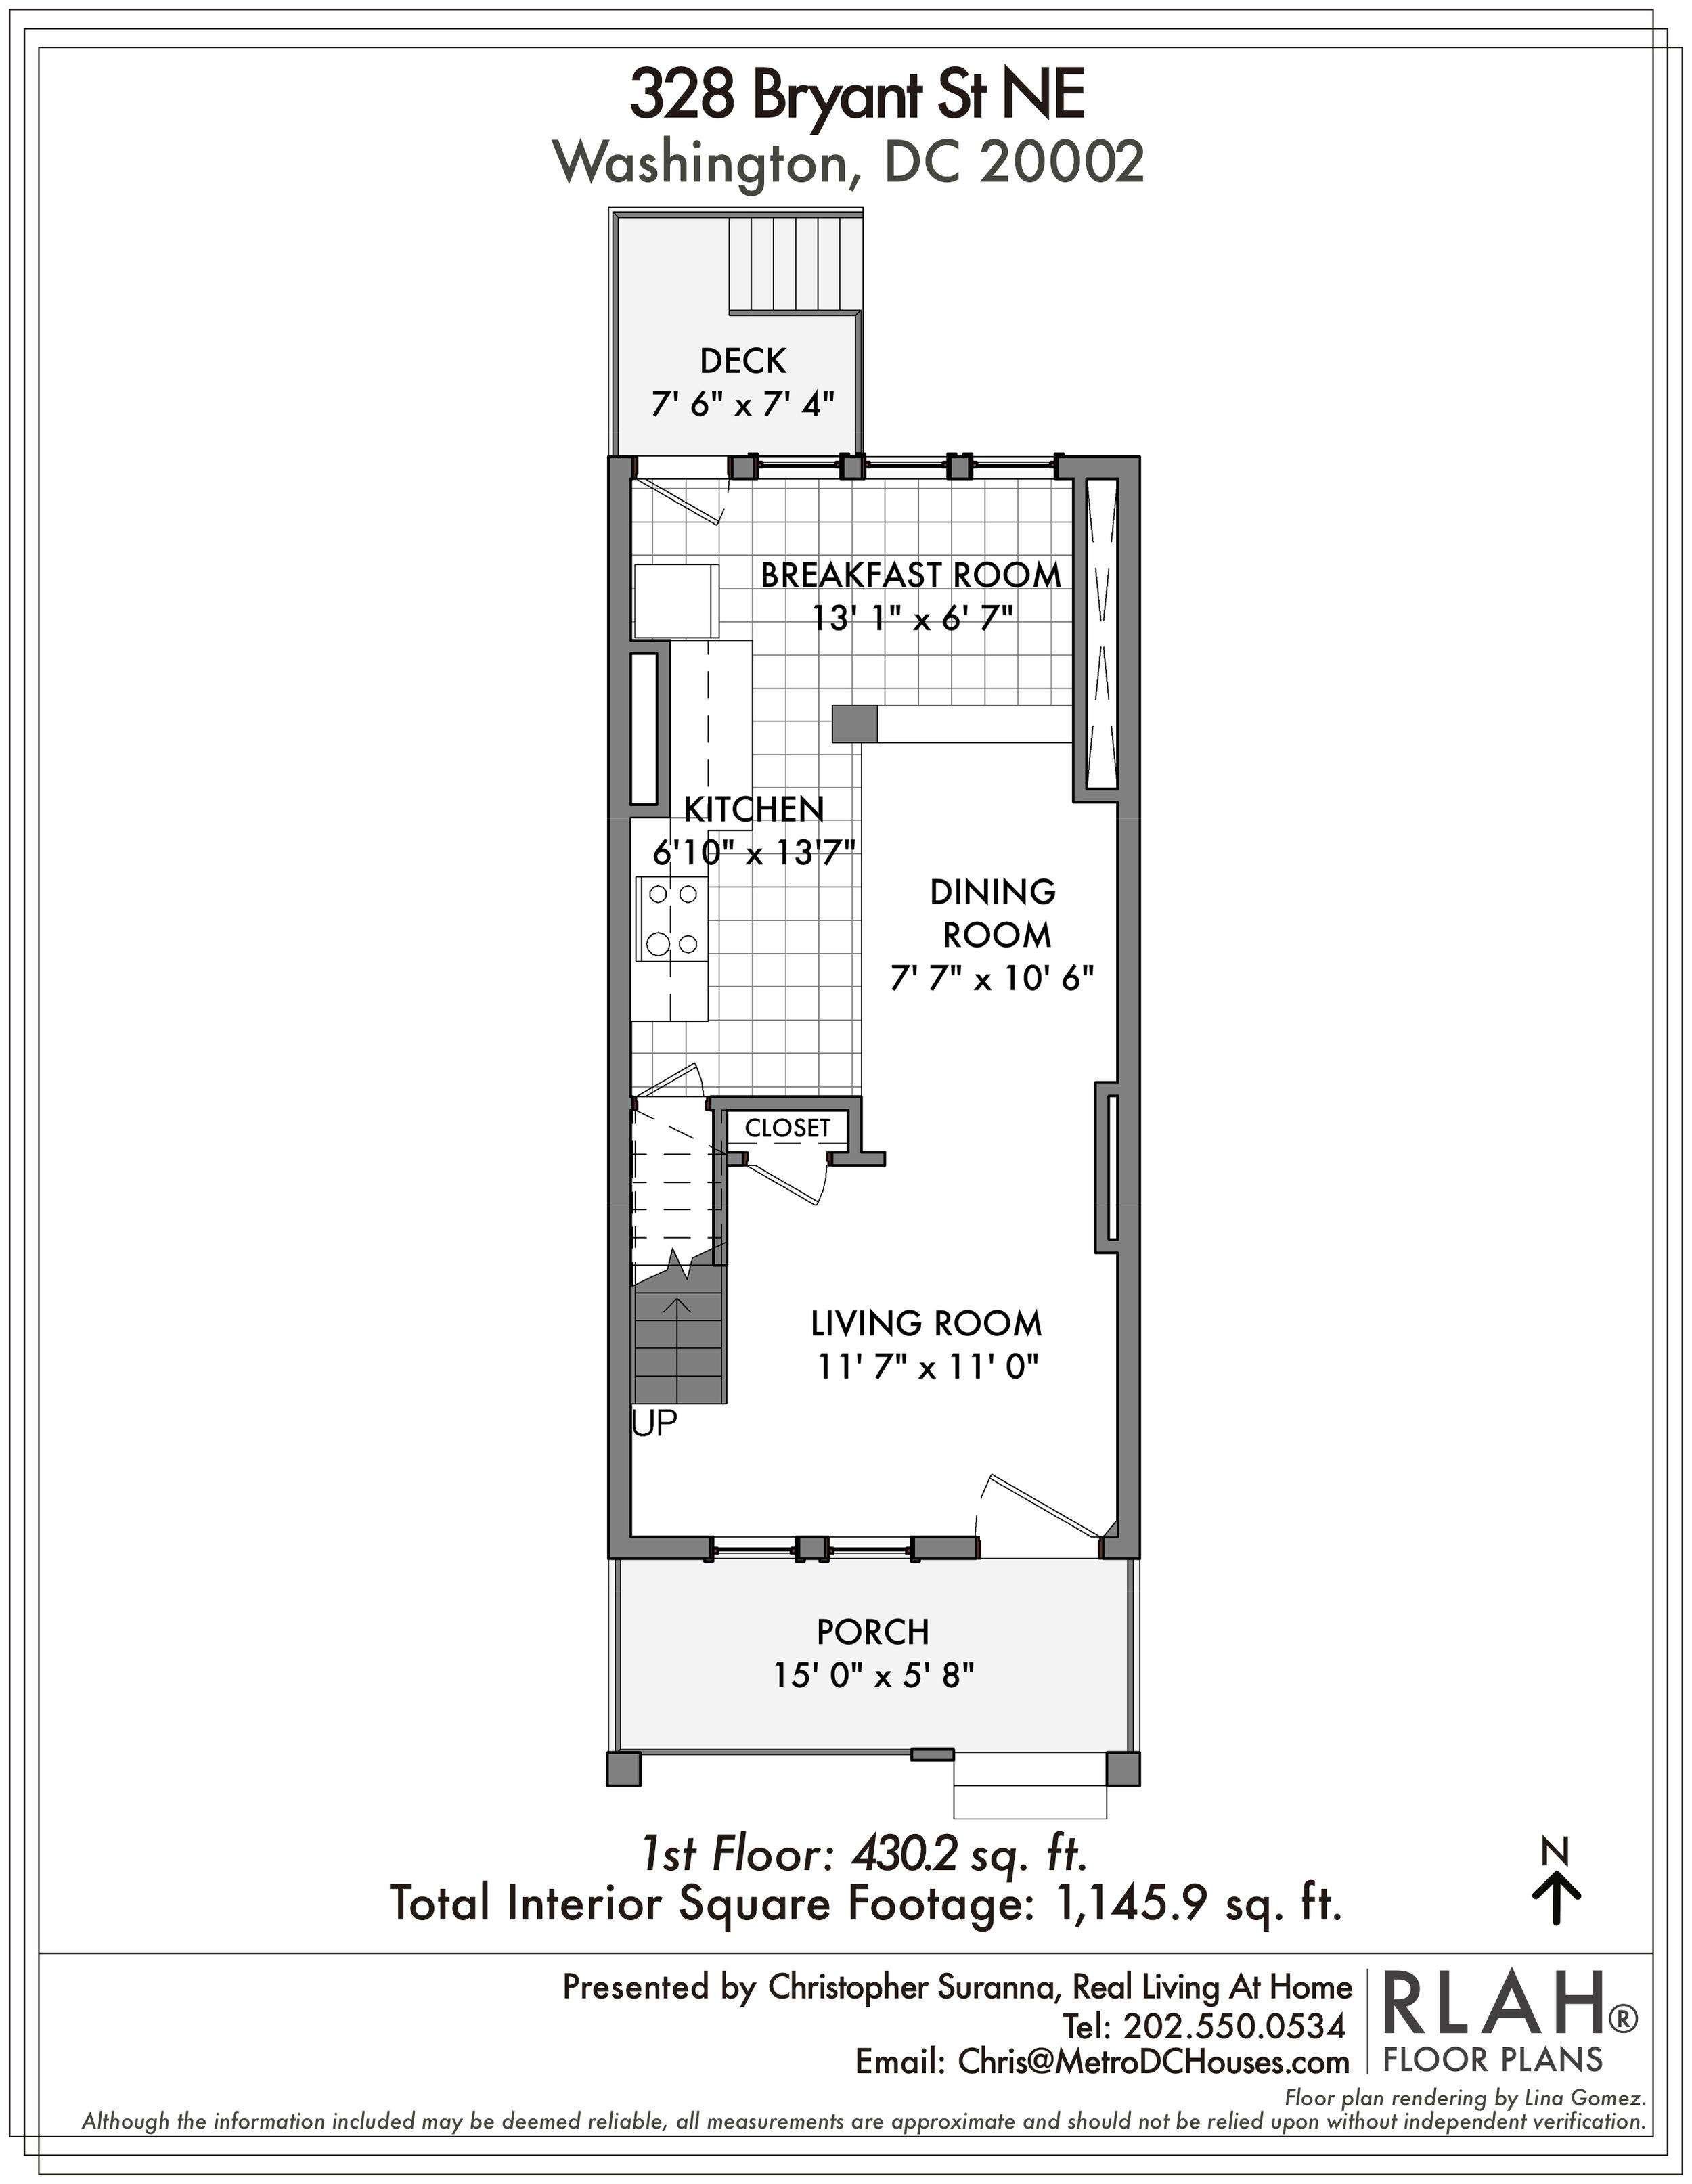 328 Bryant St NE - 1st Floor.jpg